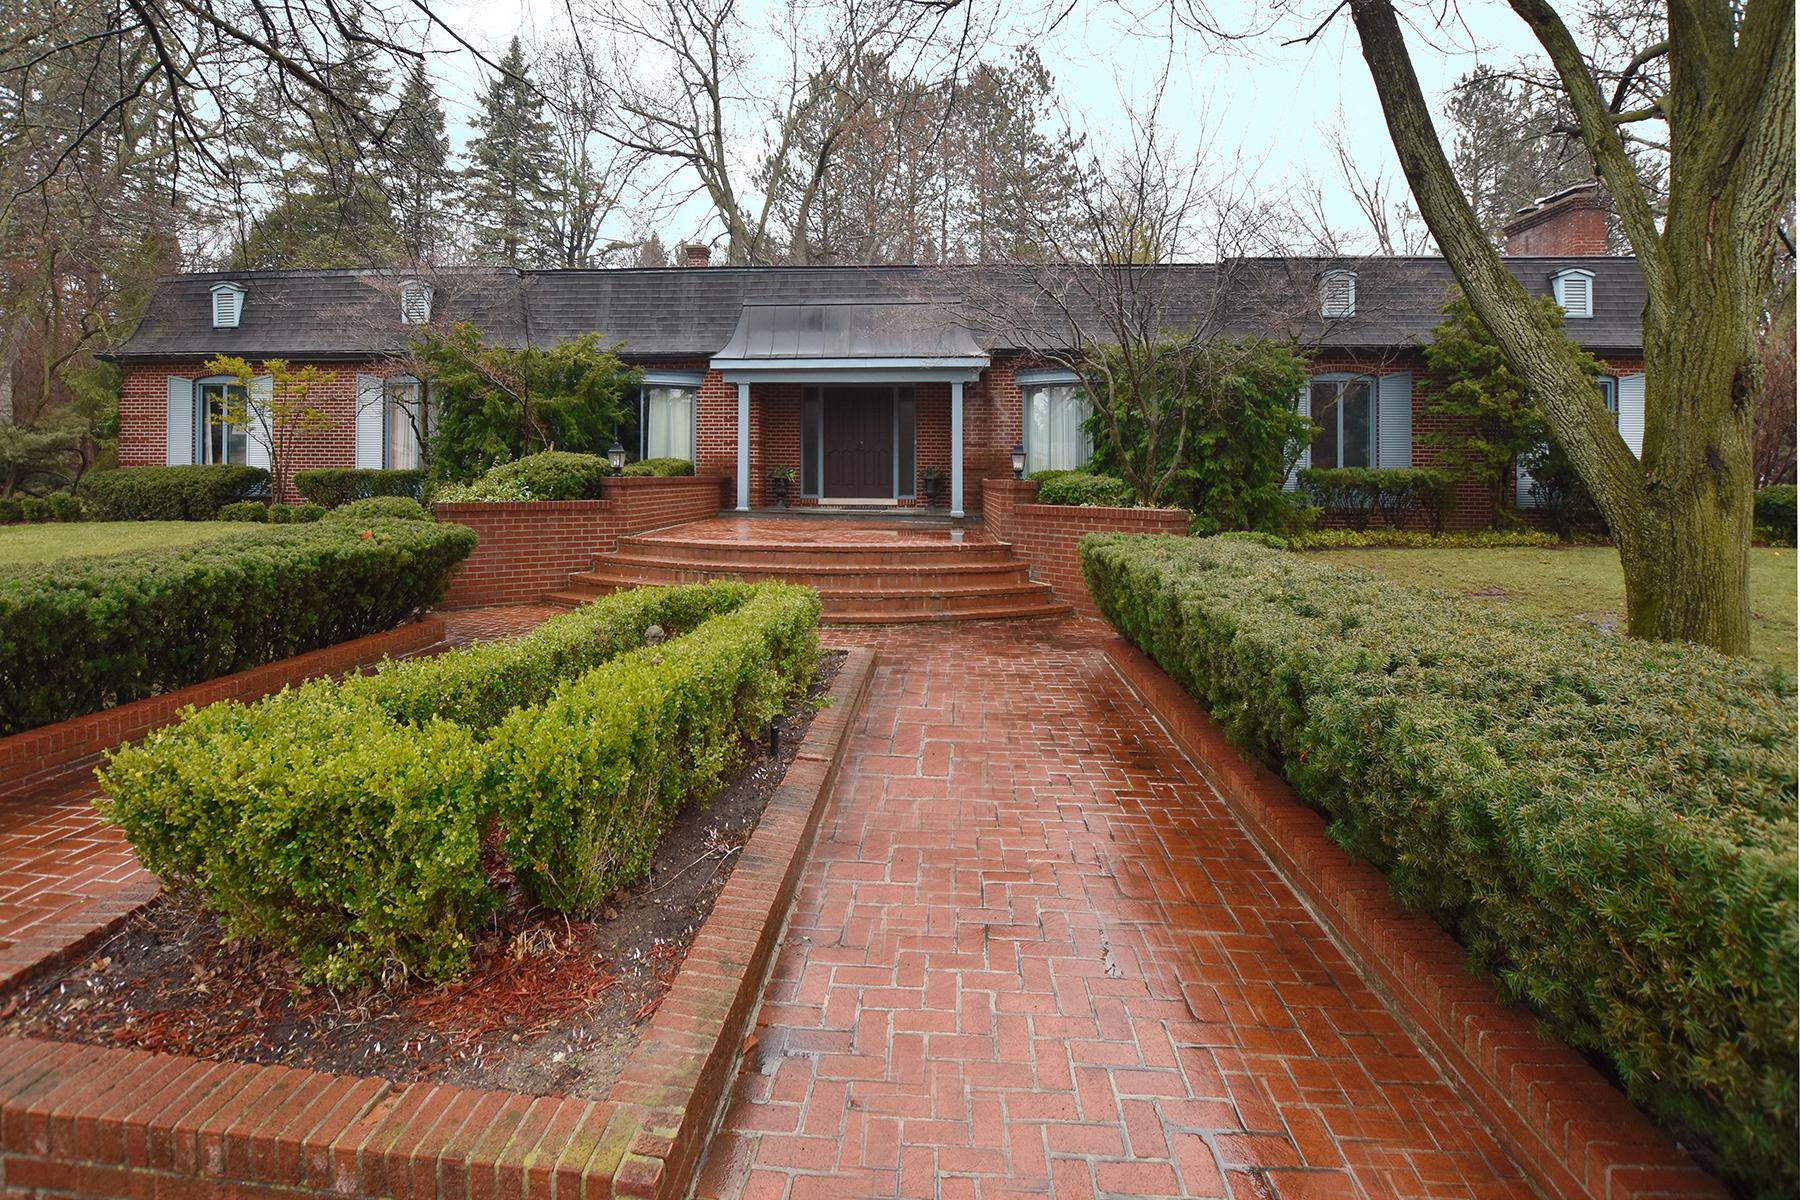 独户住宅 为 销售 在 Bloomfield 3504 Sutton Place 布洛姆费尔德, 密歇根州, 48301 美国